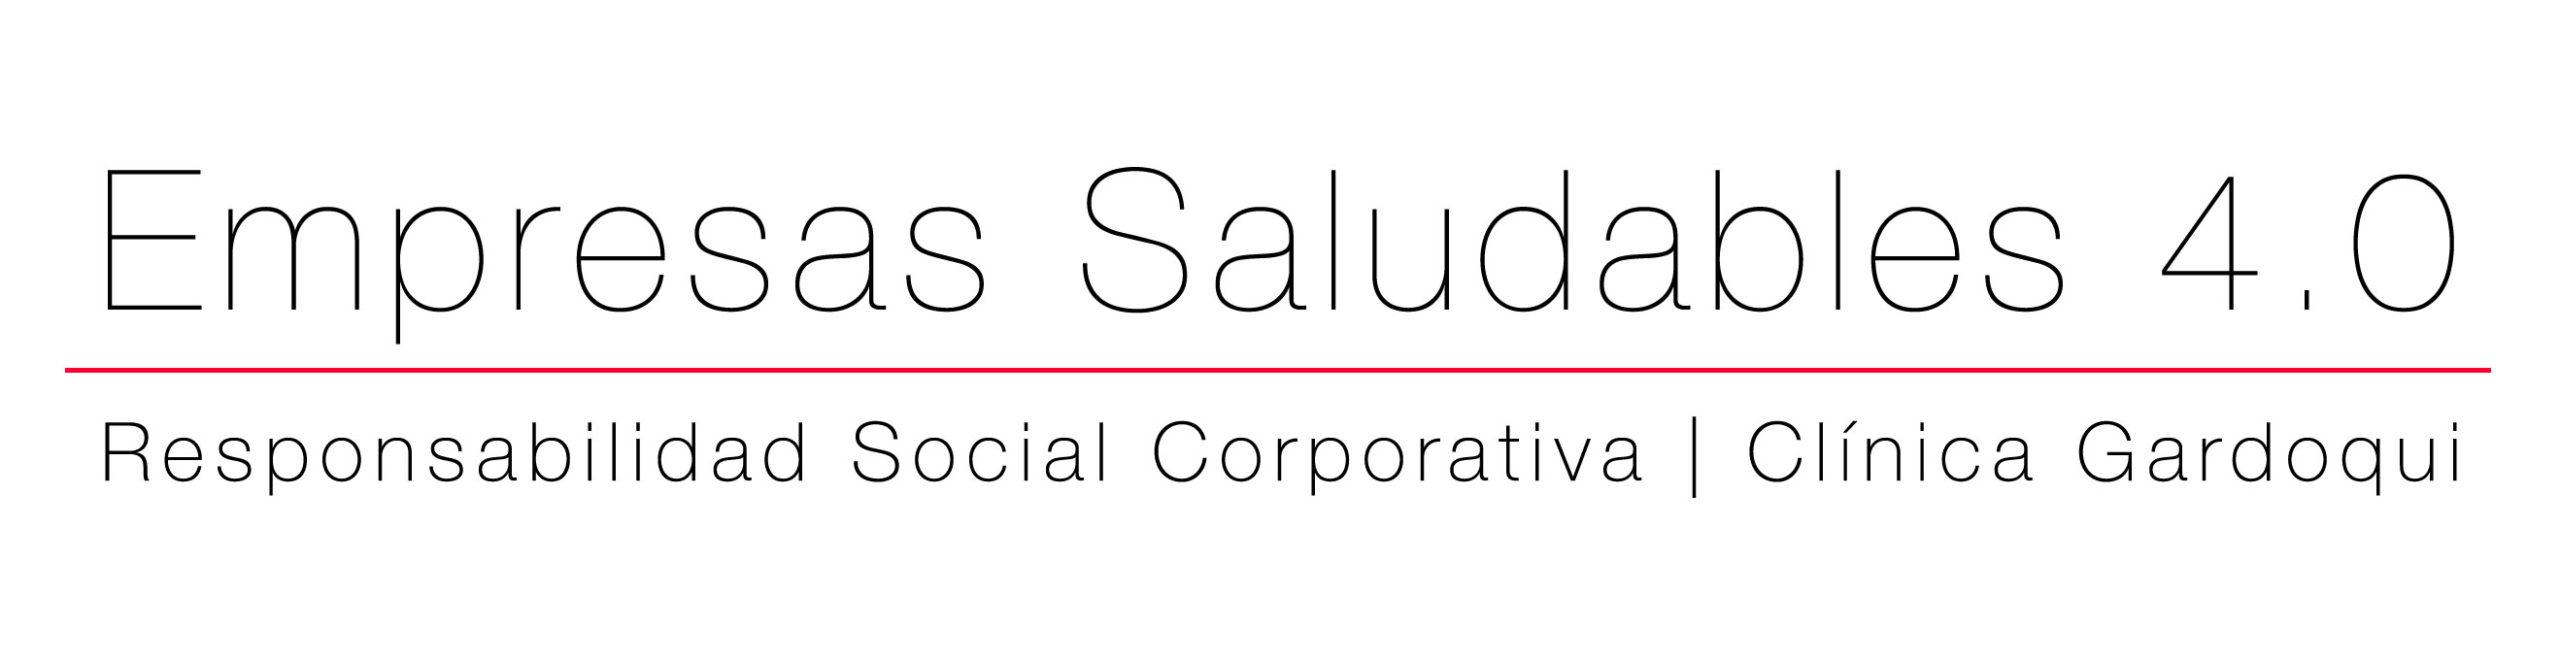 Empresas Saludables es la Responsabilidad Social Corporativa de la Clínica Gardoqui